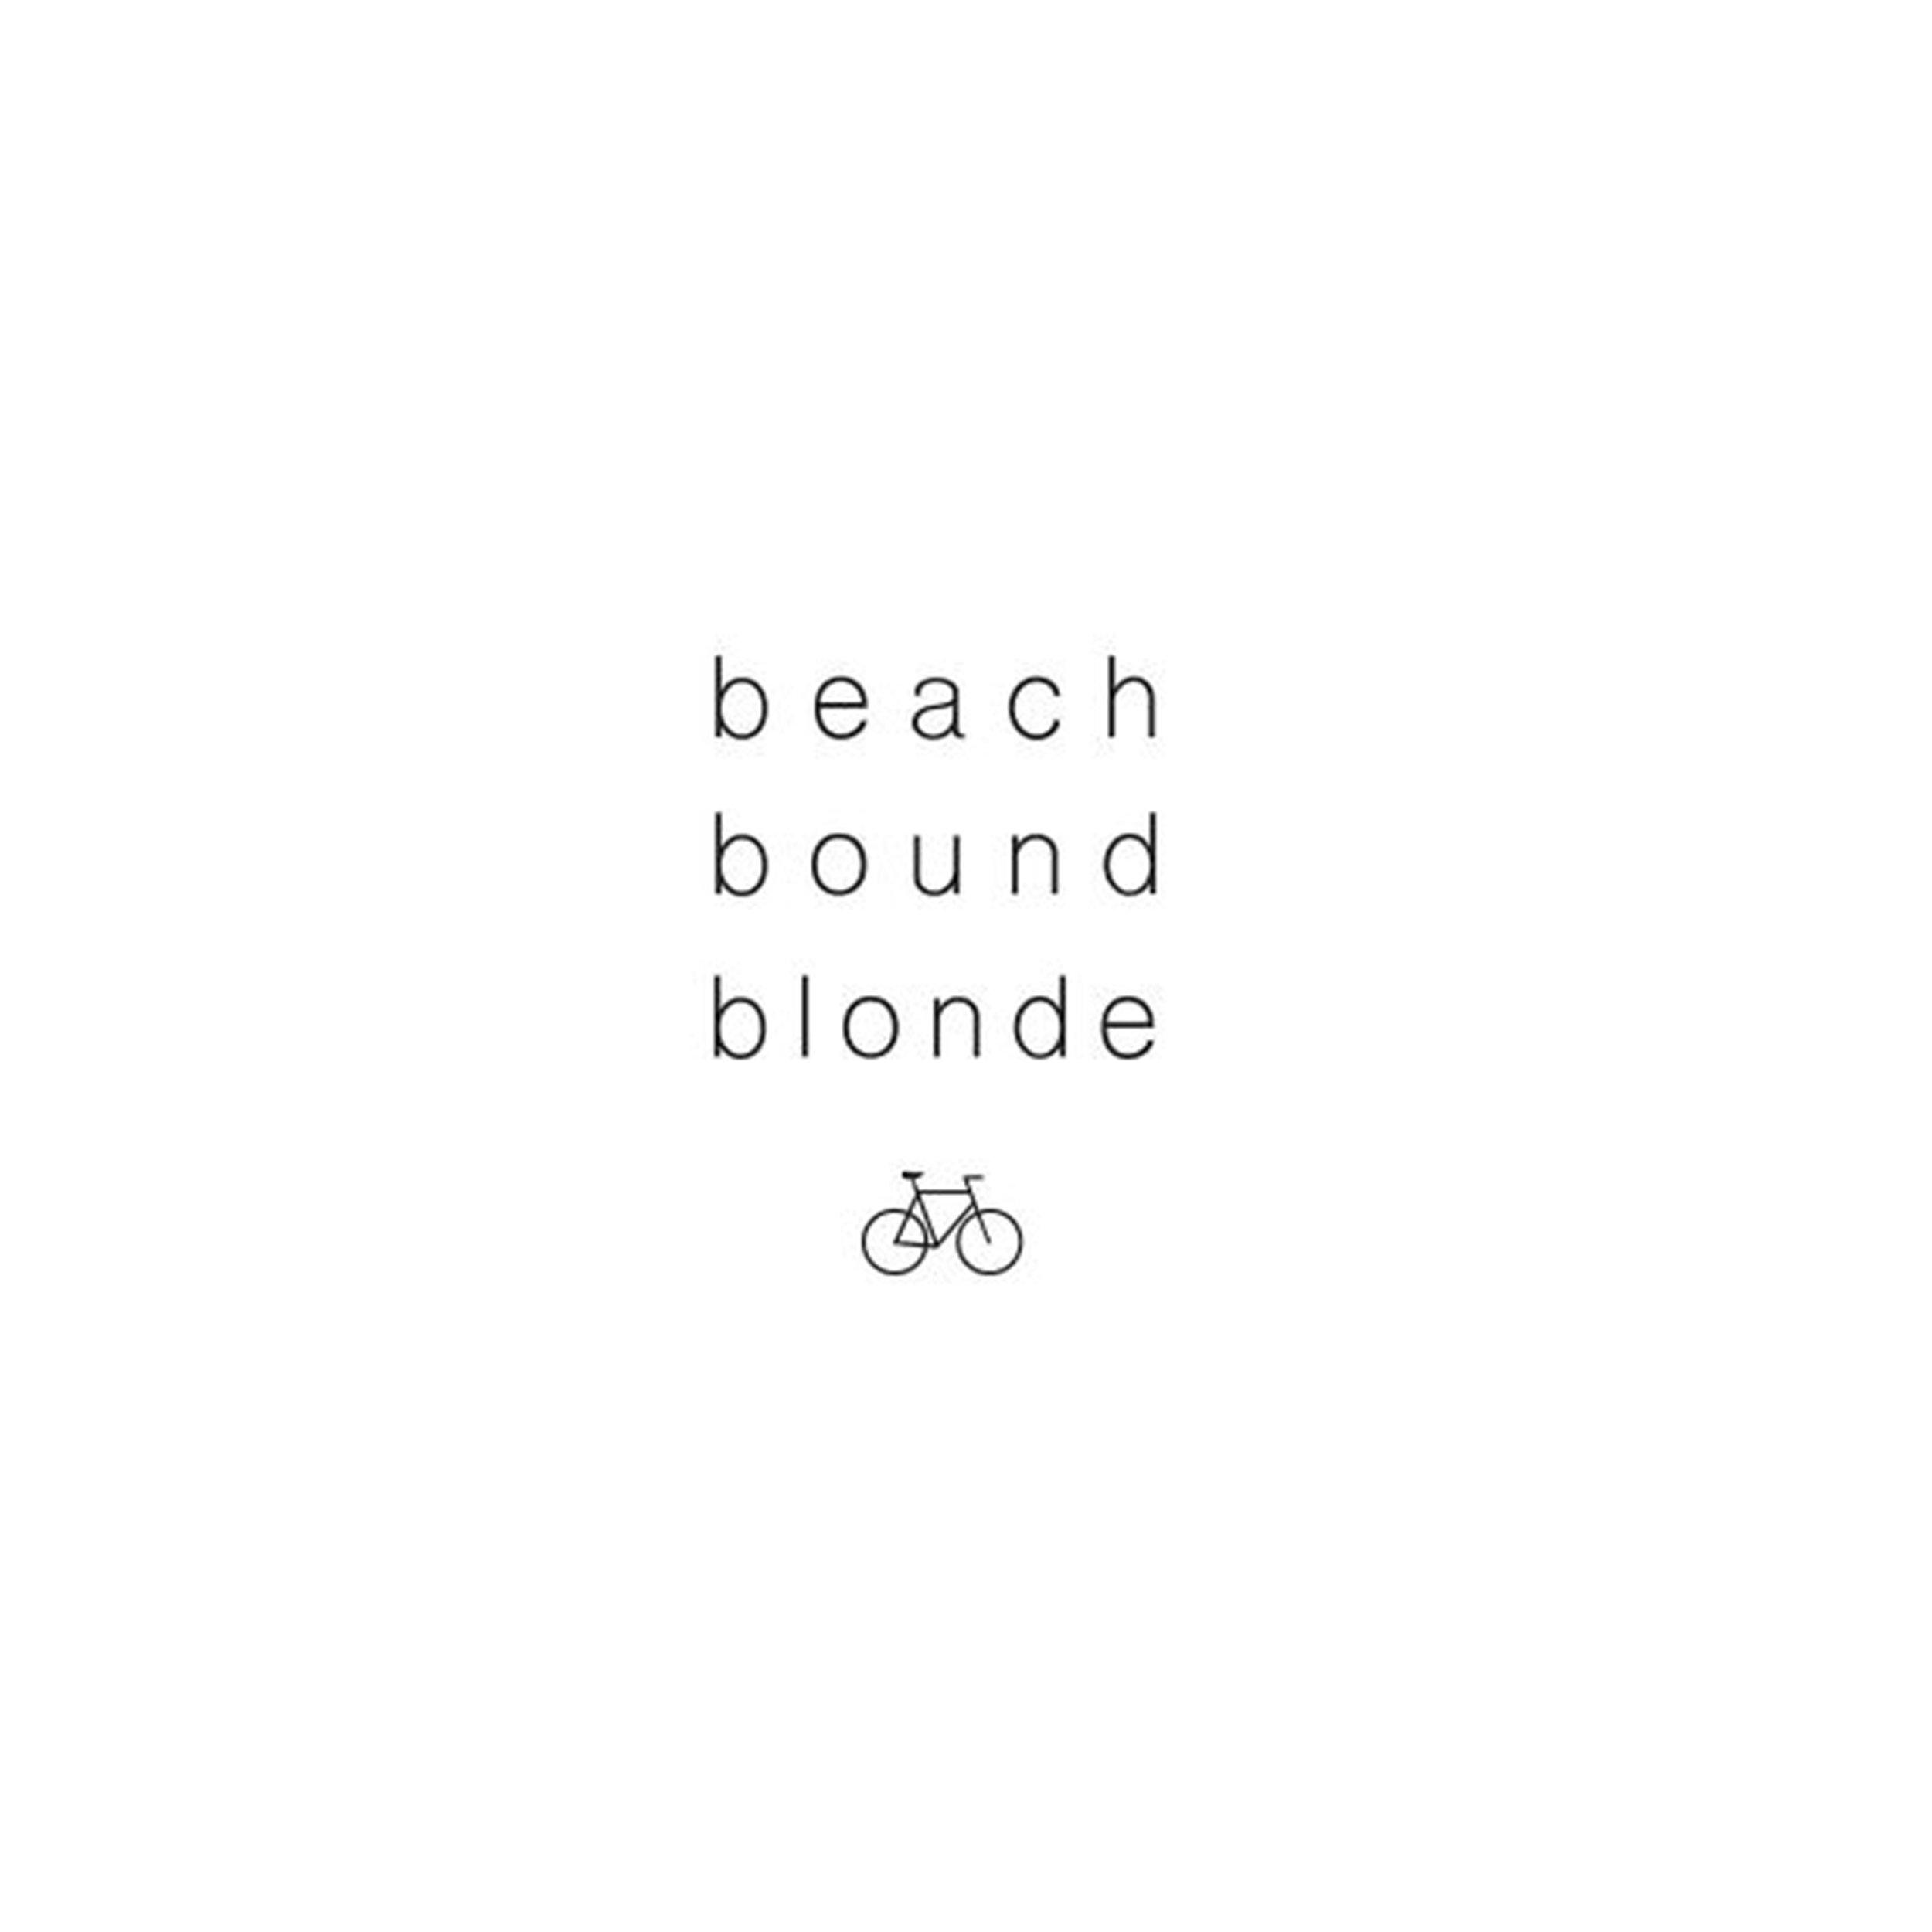 BeachBoundBlonge.jpg